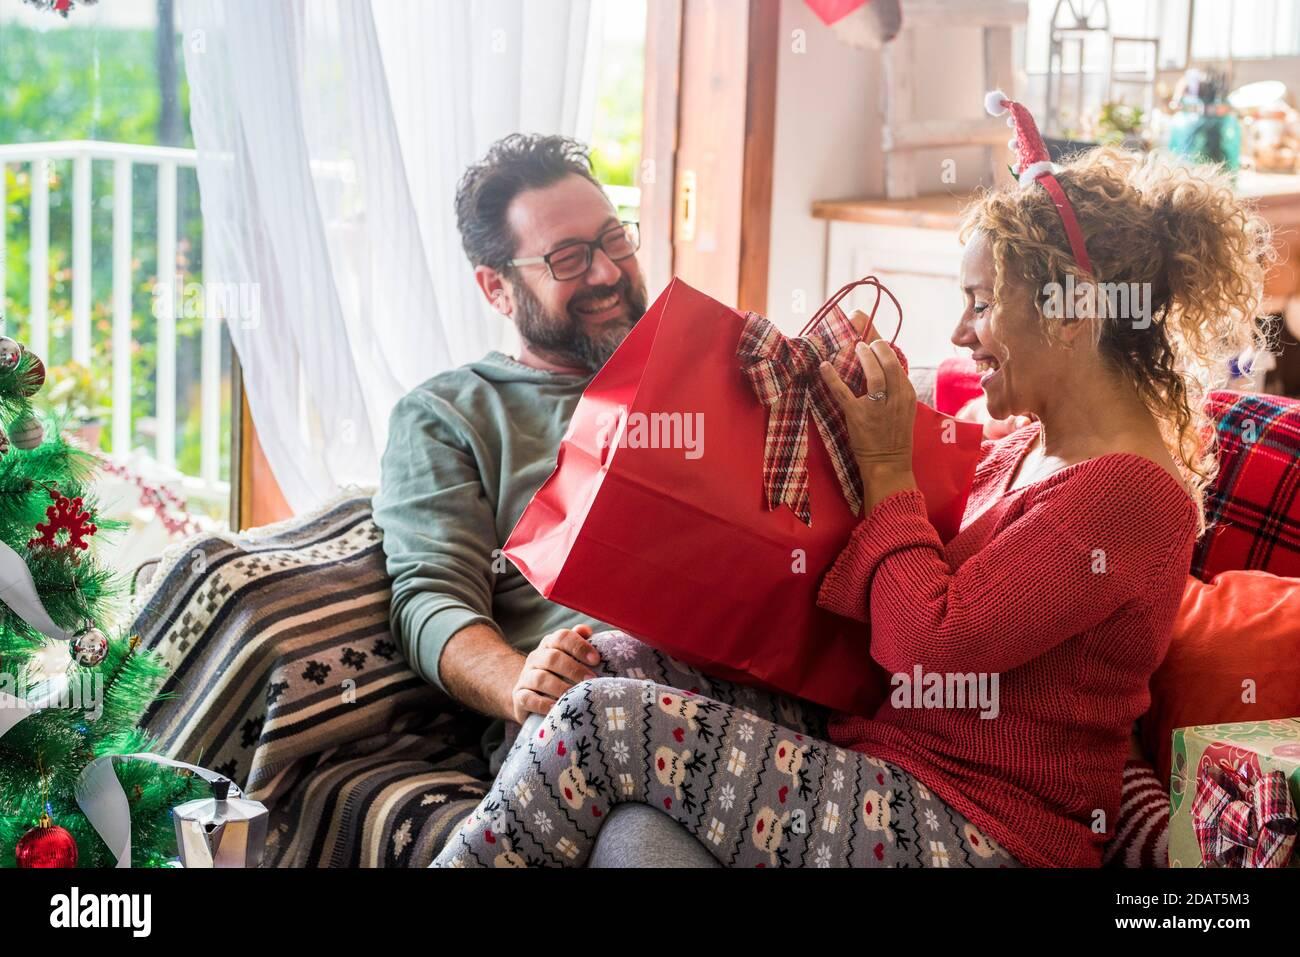 Couple heureux à la maison profiter de la veille de noël ensemble en partageant un cadeau sourire et célébrer la saison des fêtes à la maison - concept de amour et famille partagent des pres Banque D'Images